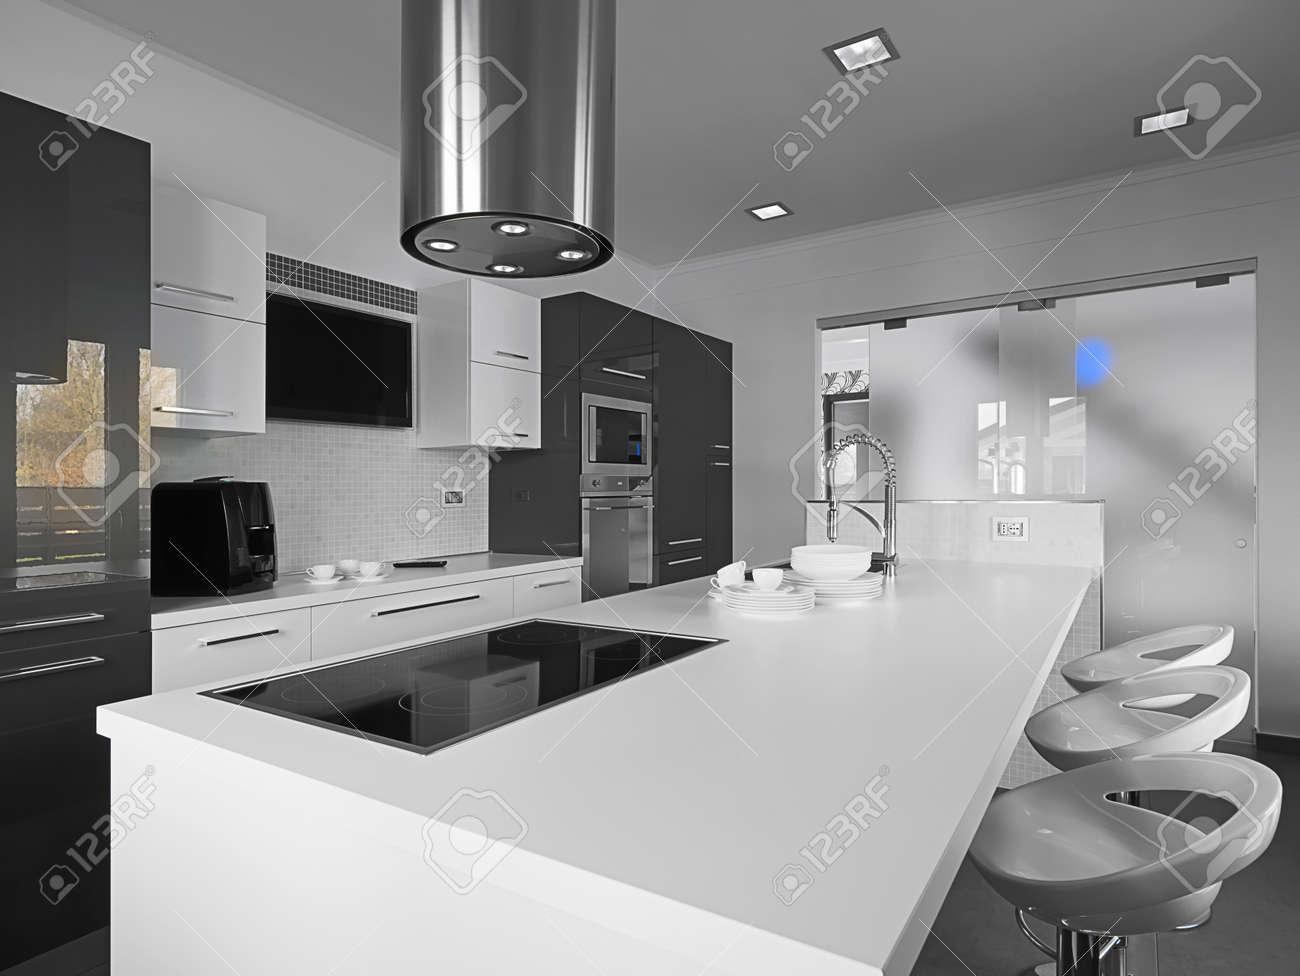 Cucina bianca con rivestimento grigio : cucina a gas industriale ...